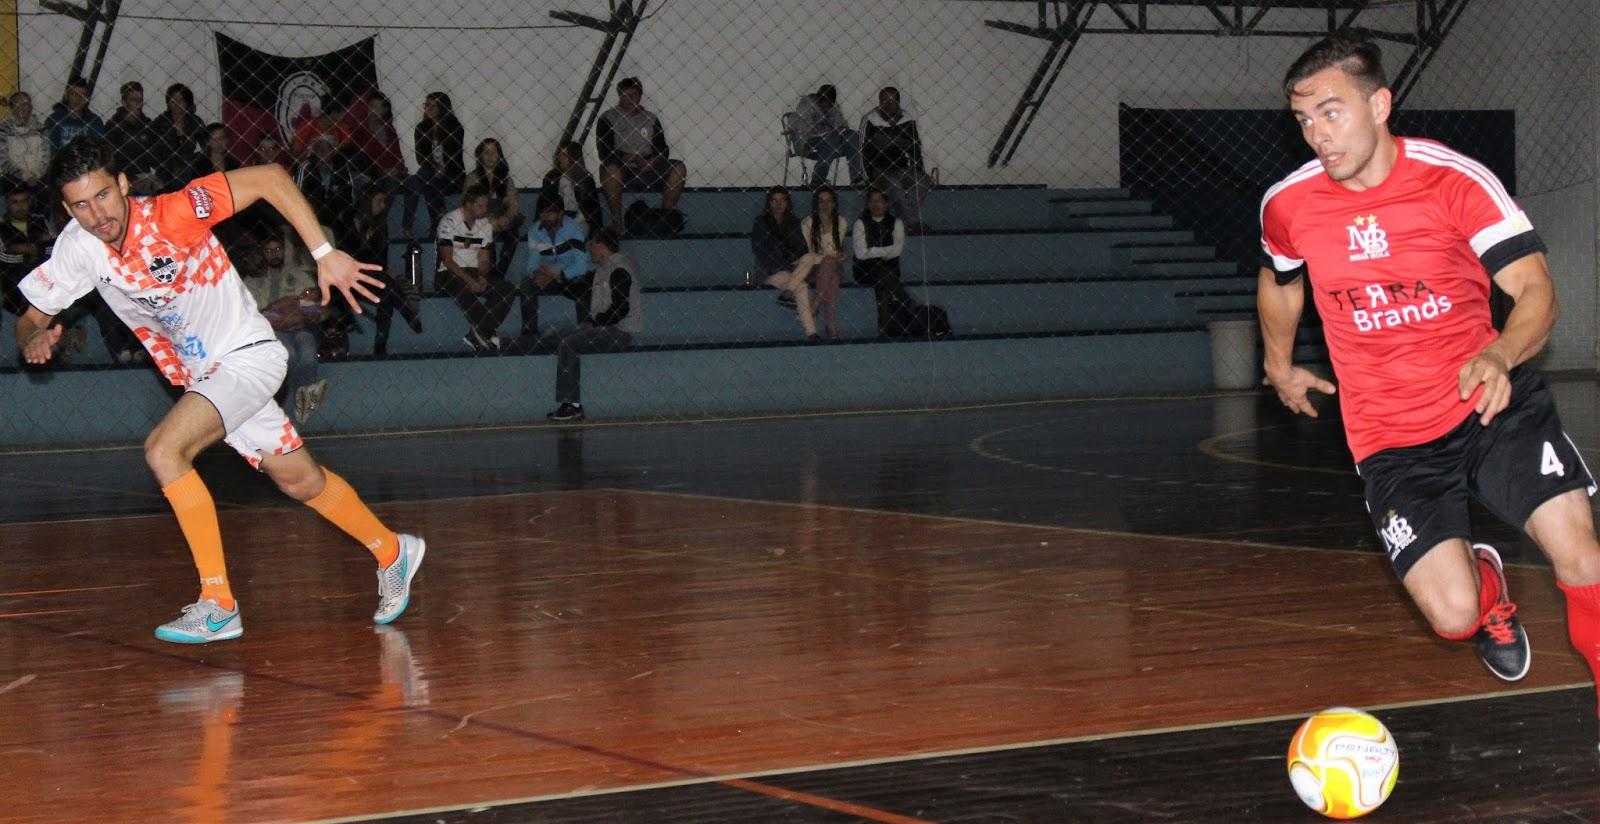 8f444409a Assim que se resume os cinco jogos da 7ª rodada da Copa Nova Petrópolis de  Futsal 1ª Divisão de ontem